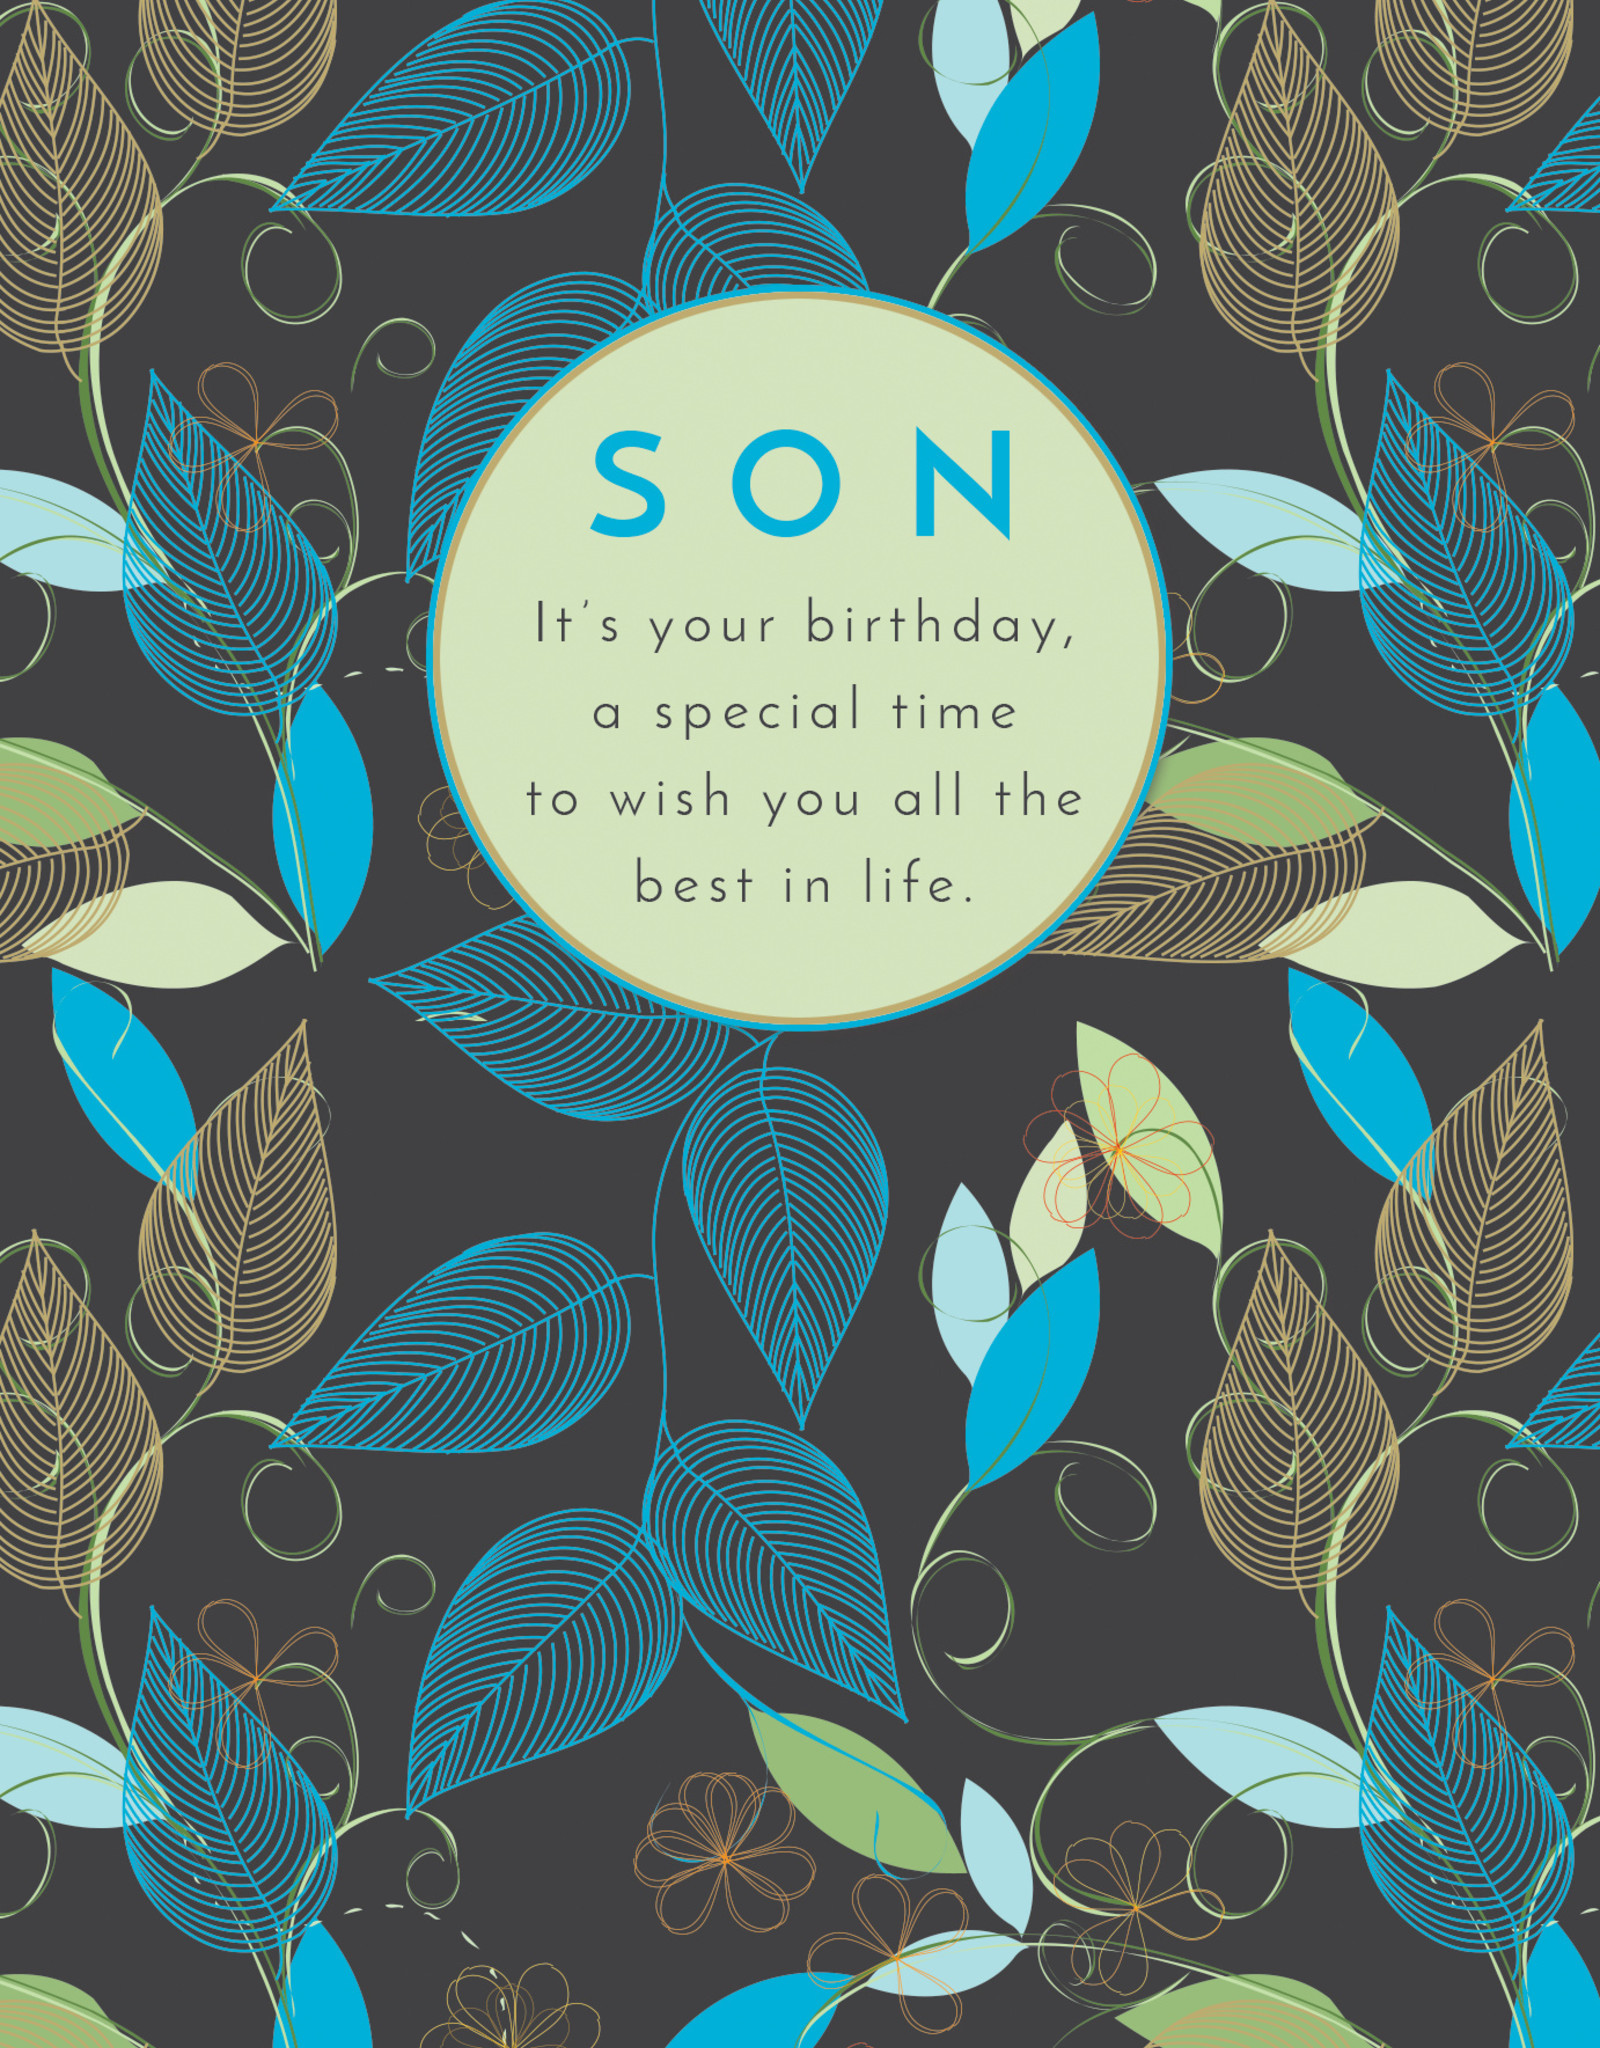 Pictura Pictura - Son Birthday Card 60604